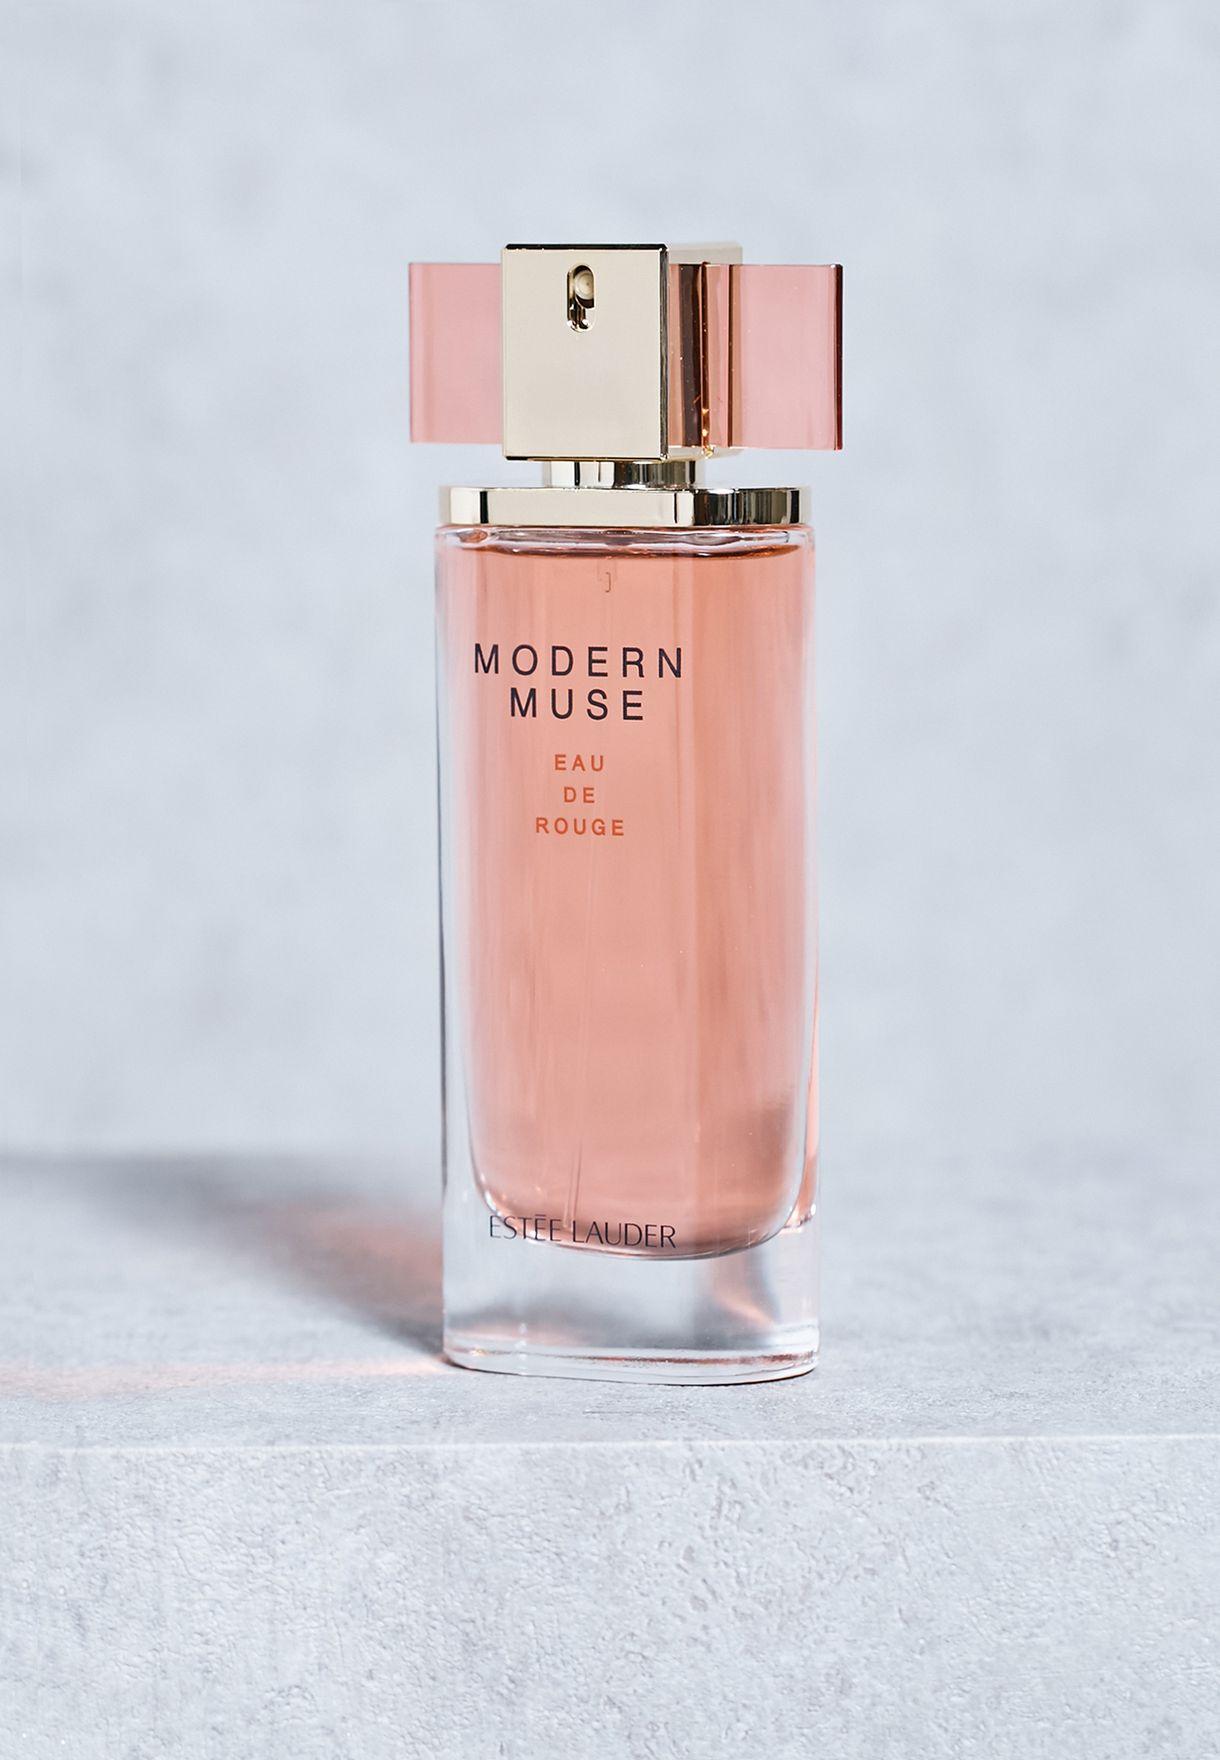 Shop Estee Lauder Clear Modern Muse Eau De Rouge 50ml Edt For Women